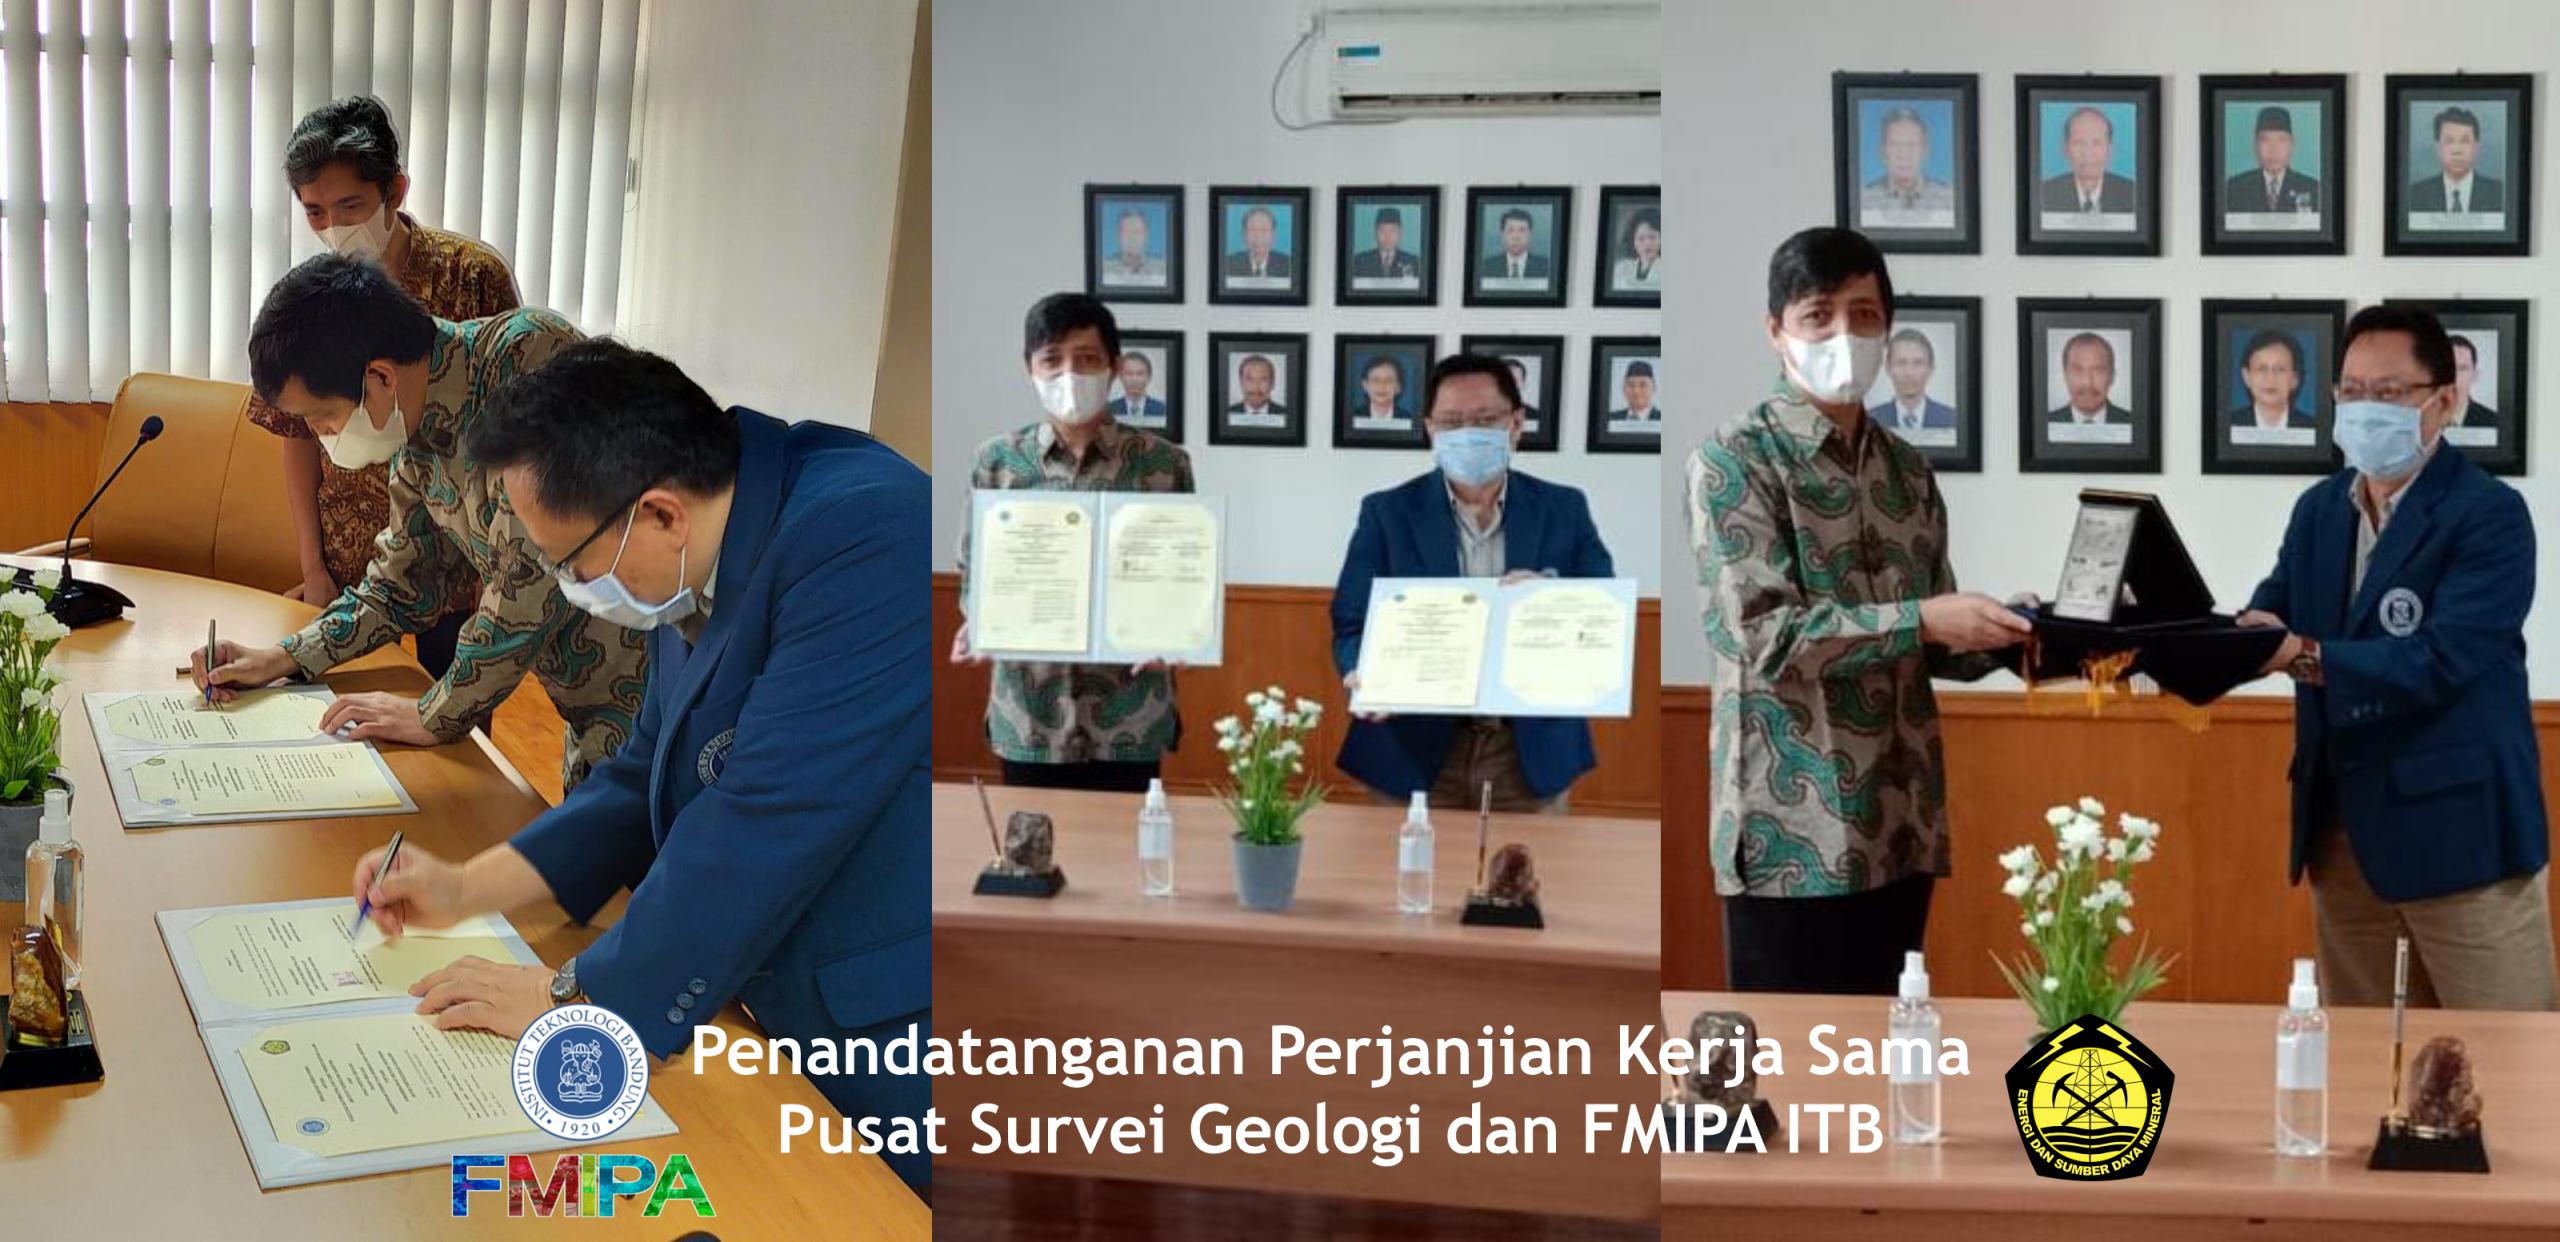 Penandatanganan Perjanjian Kerja Sama Pusat Survei Geologi dan FMIPA ITB